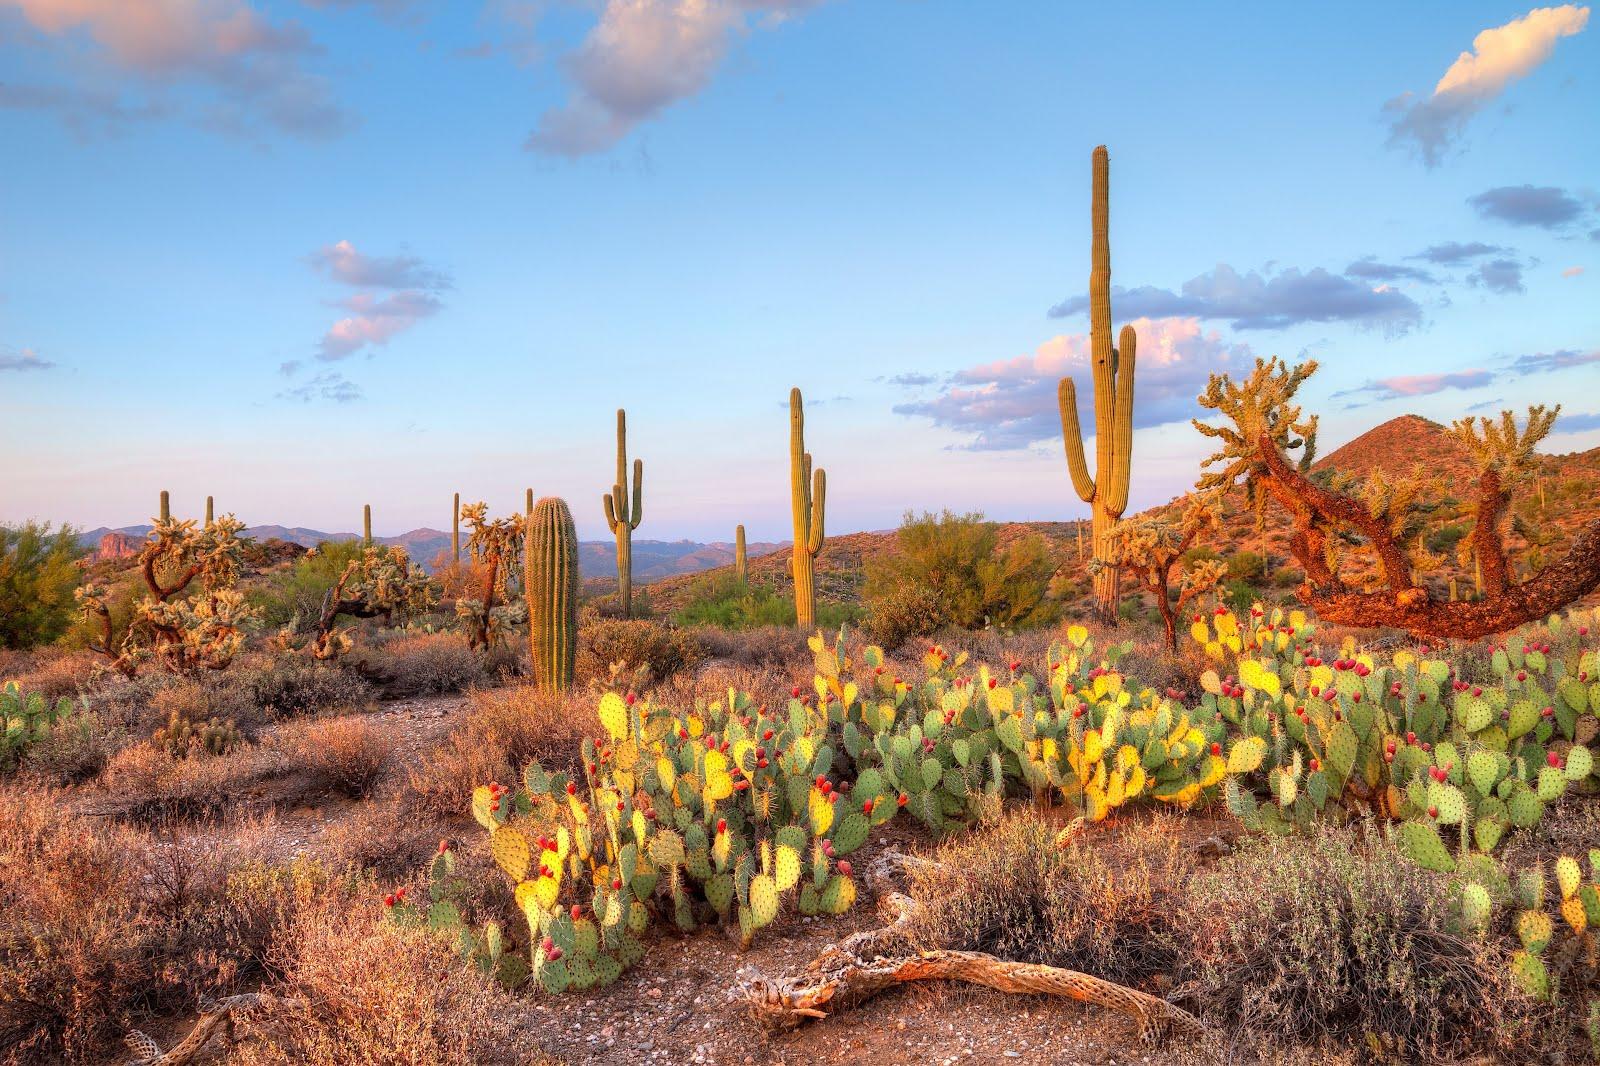 paisaje-desierto-de-sonora-mexico-cactus-nopales